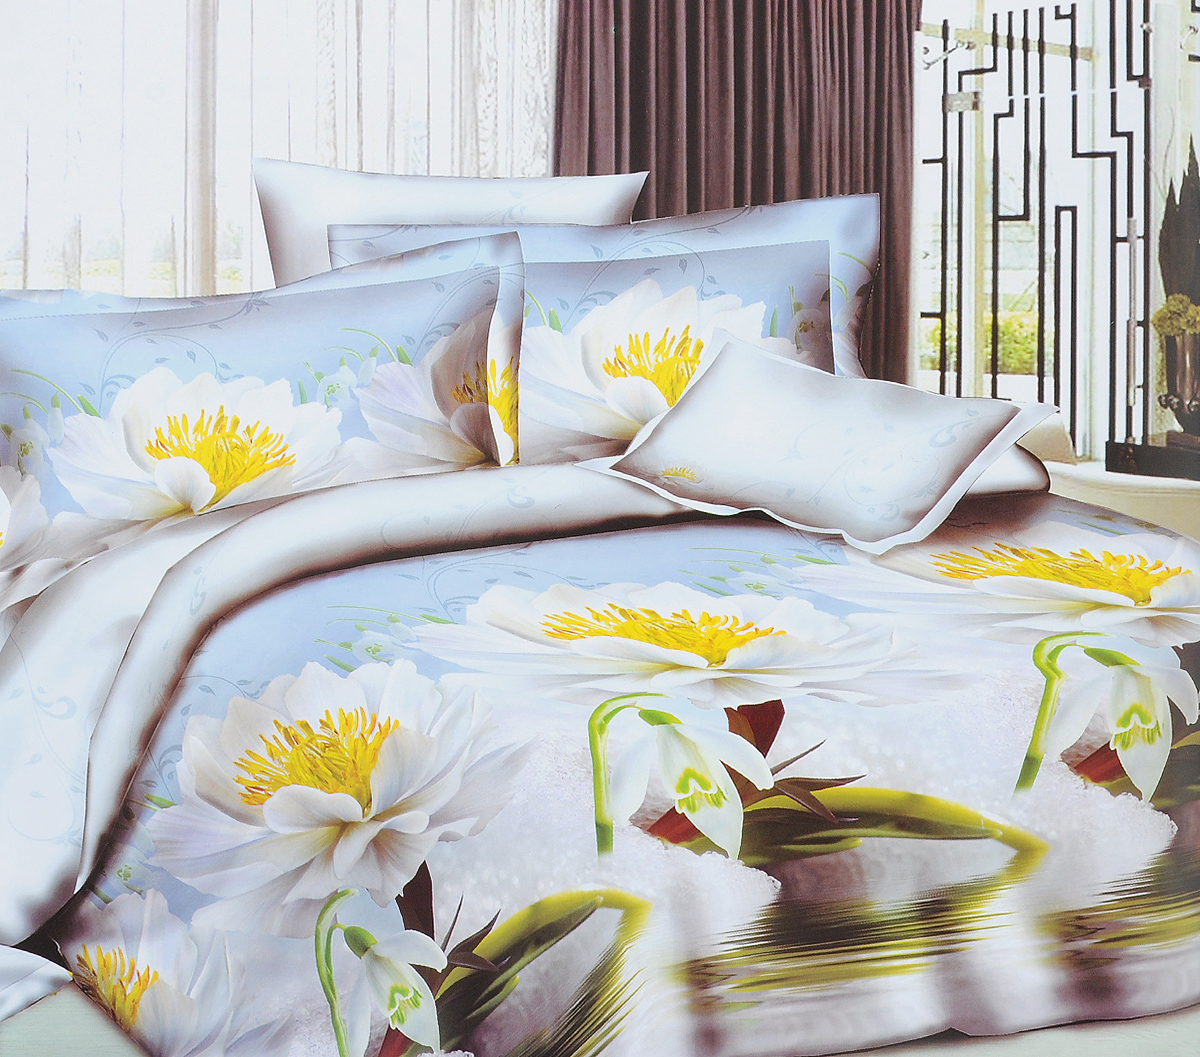 Комплект белья ЭГО Лето, 2-спальный, наволочки 70x70MT-1951Комплект постельного белья ЭГО Лето выполнен из полисатина (50% хлопка, 50% полиэстера). Комплект состоит из пододеяльника, простыни и двух наволочек. Постельное белье, оформленное цветочным принтом, имеет изысканный внешний вид и яркую цветовую гамму. Наволочки застегиваются на клапаны. Гладкая структура делает ткань приятной на ощупь, мягкой и нежной, при этом она прочная и хорошо сохраняет форму. Ткань легко гладится, не линяет и не садится. Благодаря такому комплекту постельного белья вы сможете создать атмосферу роскоши и романтики в вашей спальне.